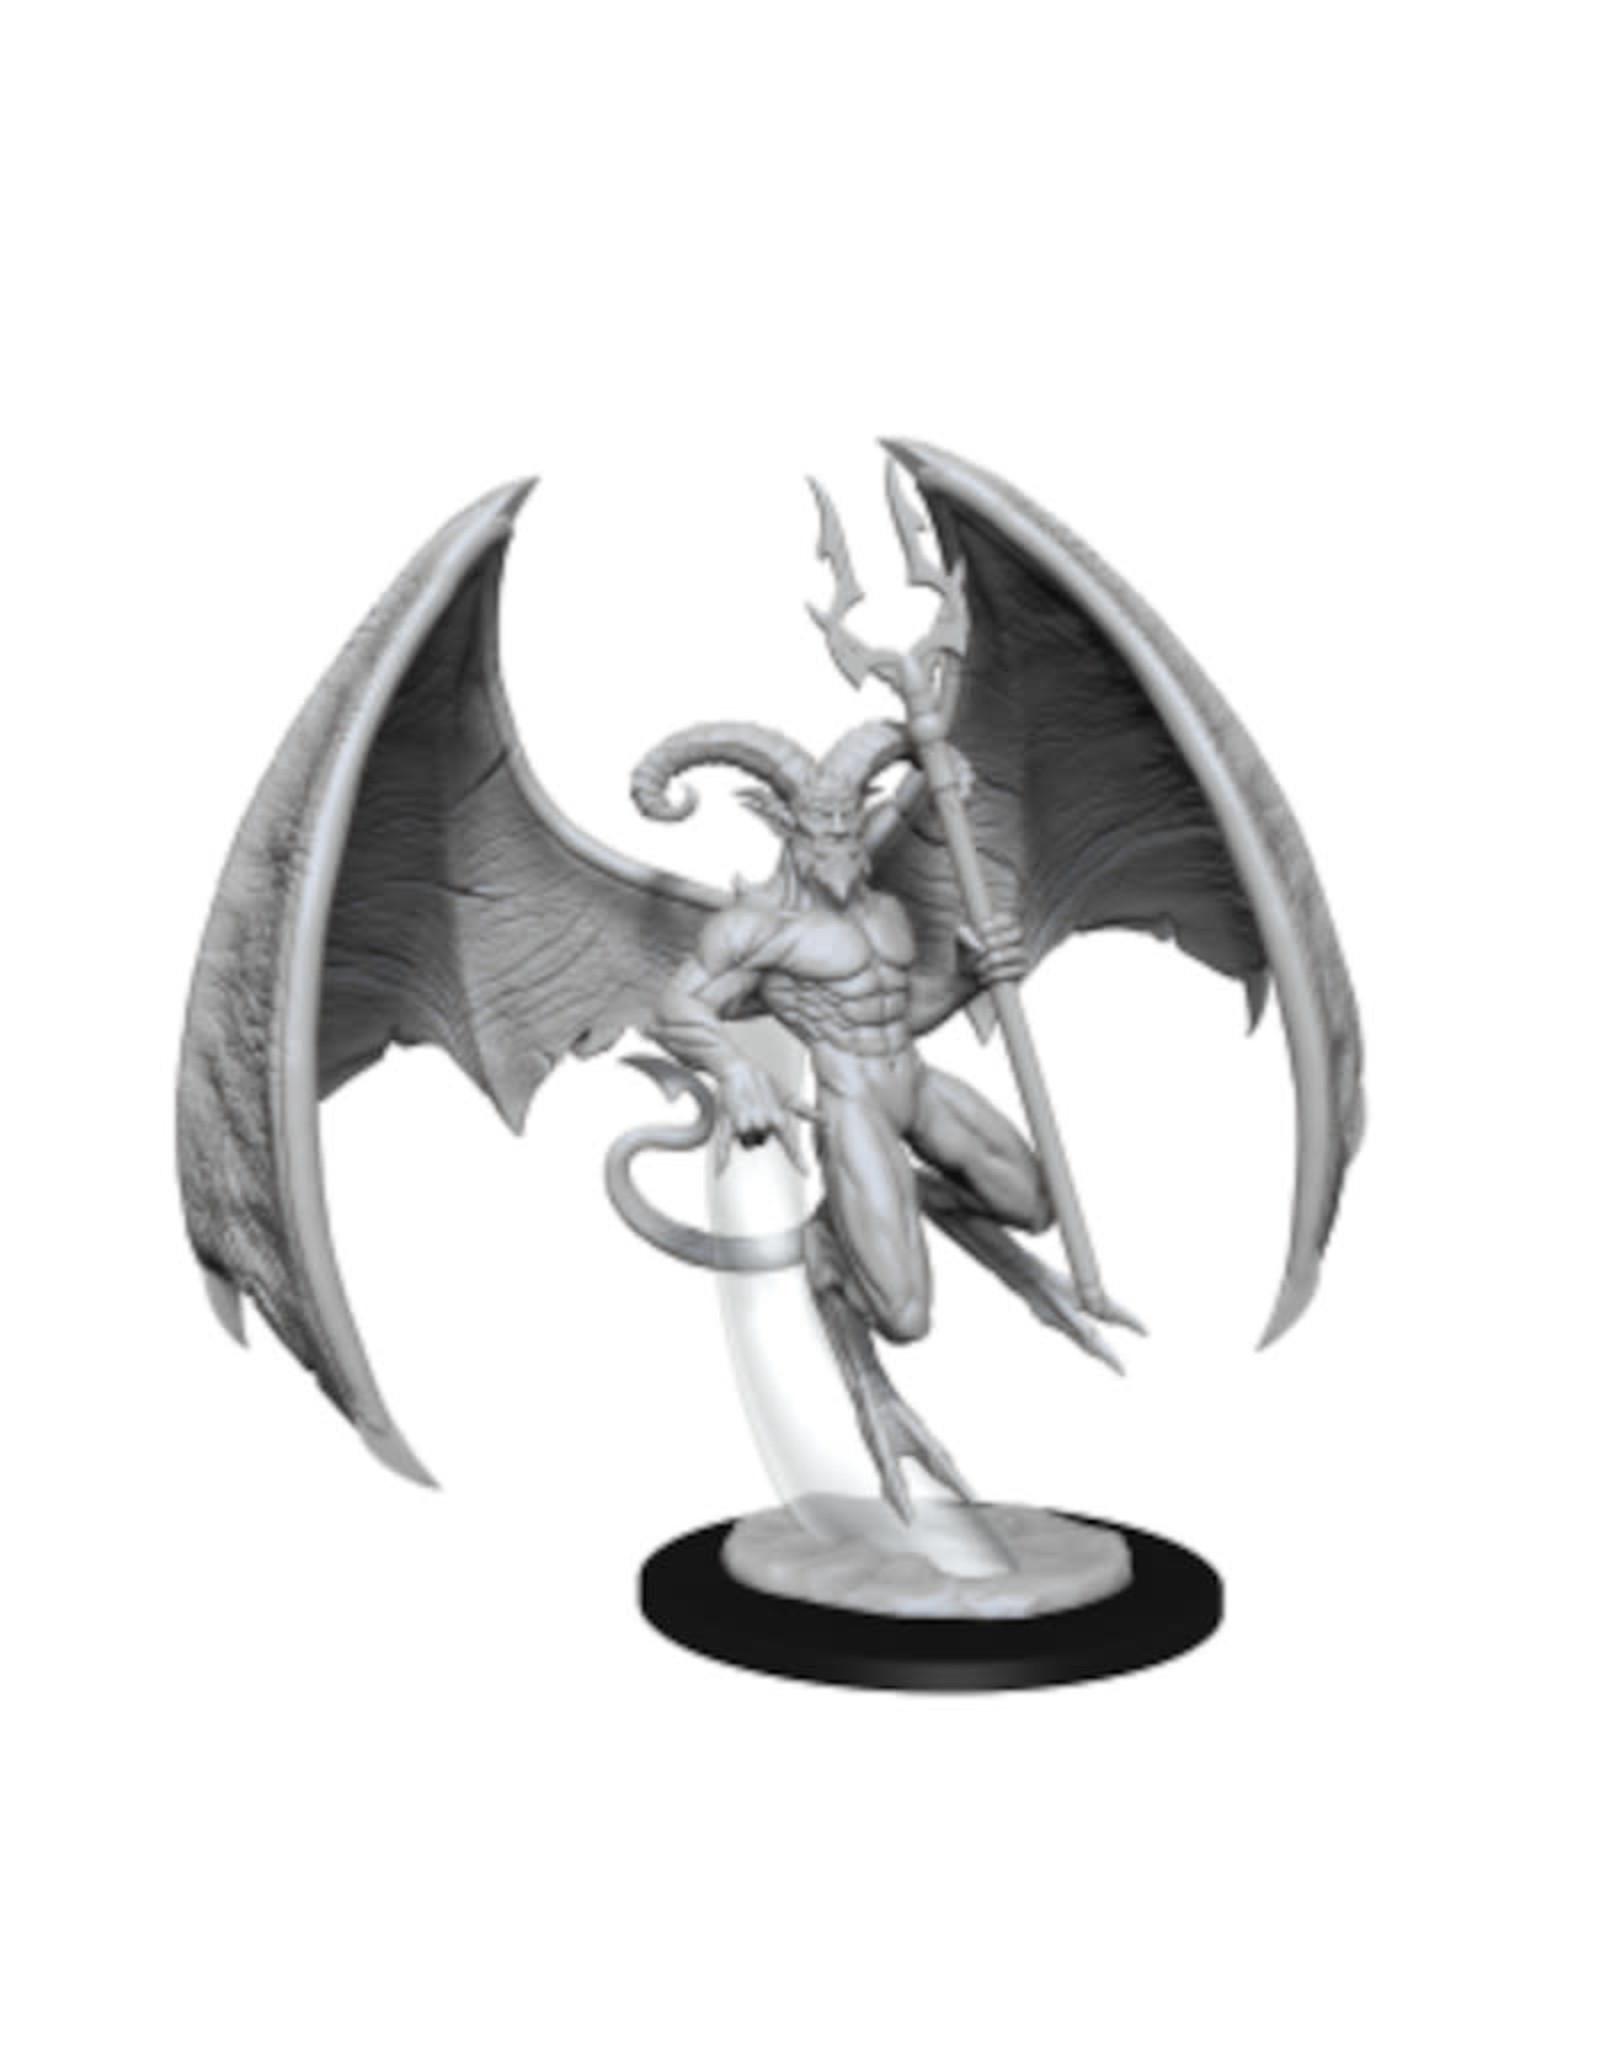 Wizkids D&D Unpainted Minis: Horned Devil